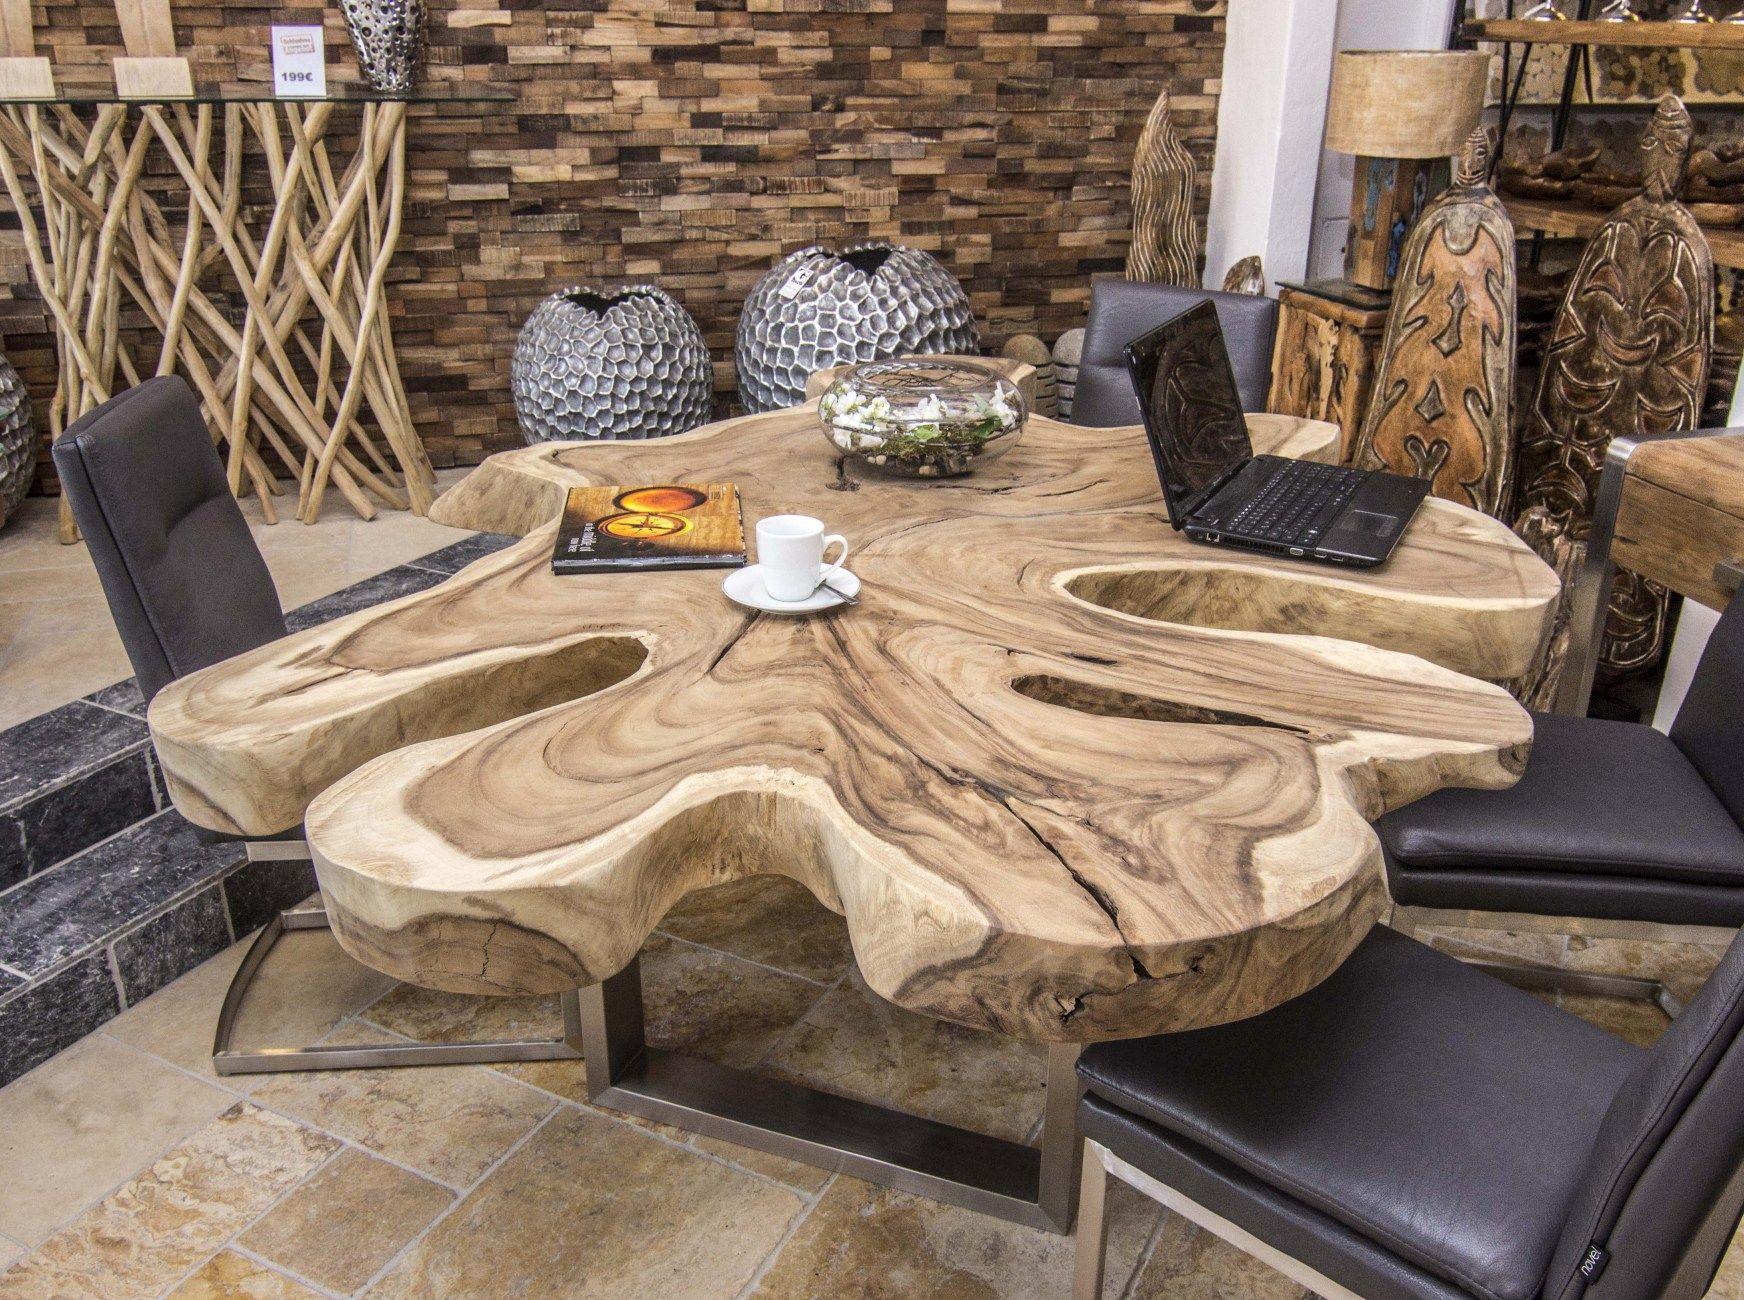 Suar Baumstammtisch Esstisch Wood slab table, Esstisch